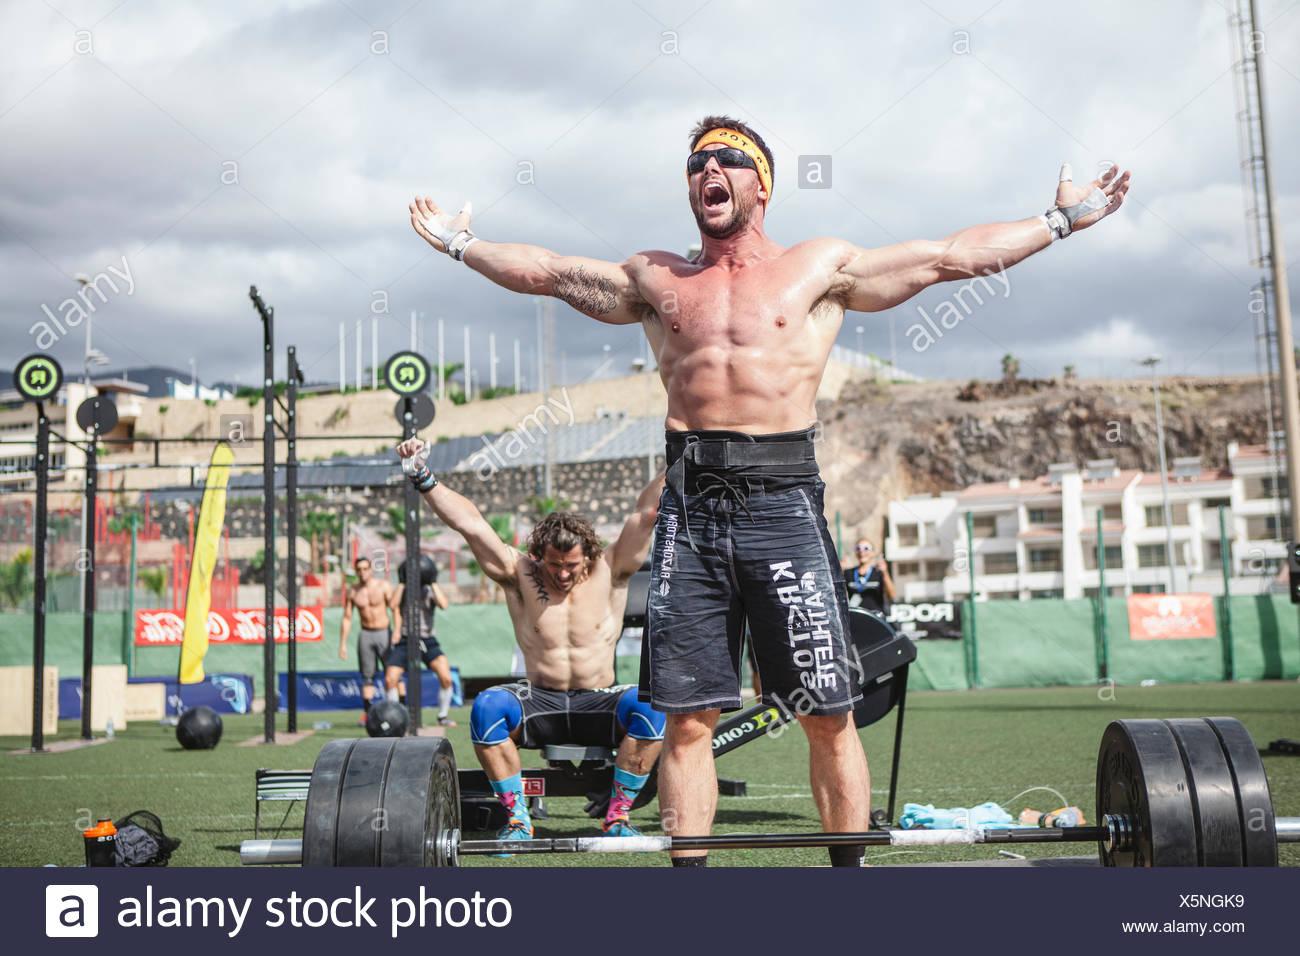 Shirtless muscolare di sollevamento pesi gli atleti del team gridare di gioia dopo aver vinto la concorrenza,tenerife,isole Canarie,Spagna Immagini Stock